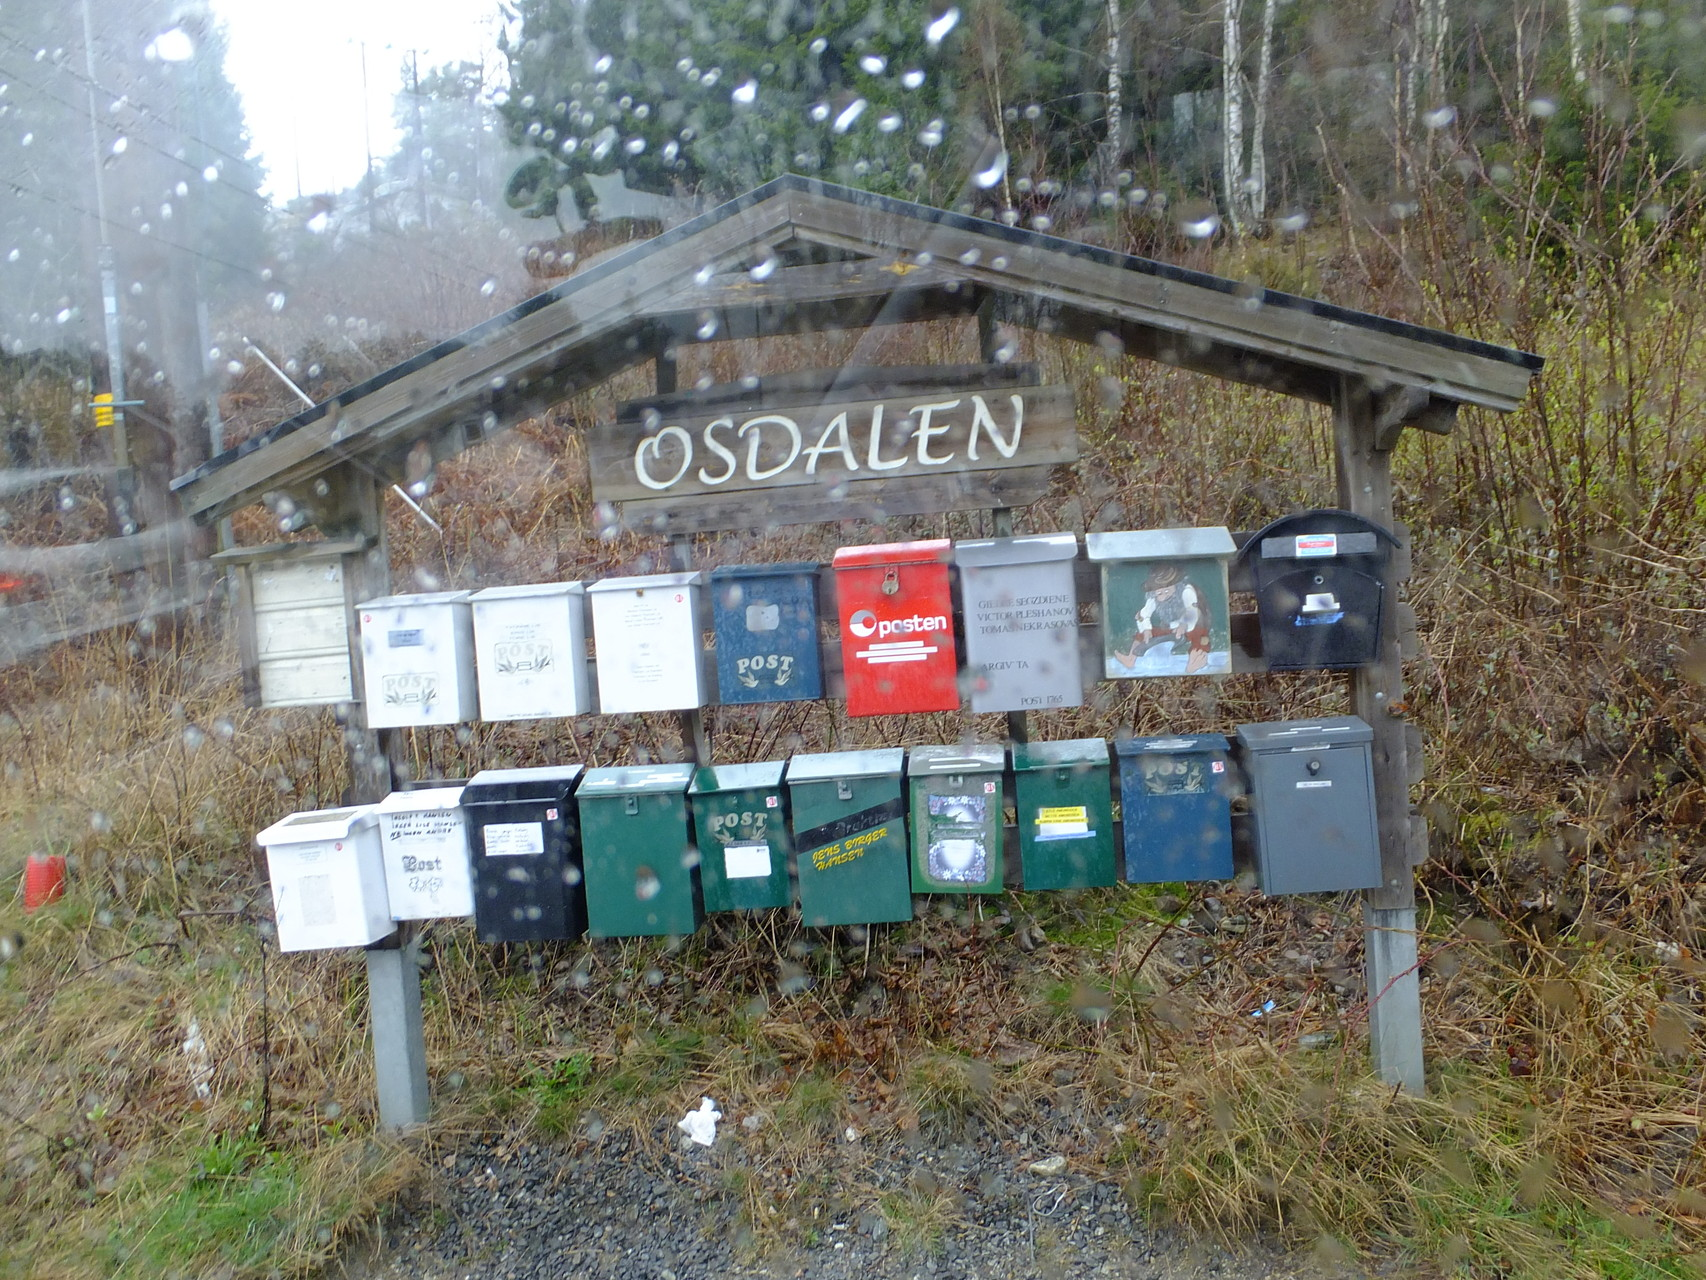 Viele Briefkästen und wehnig Häuser